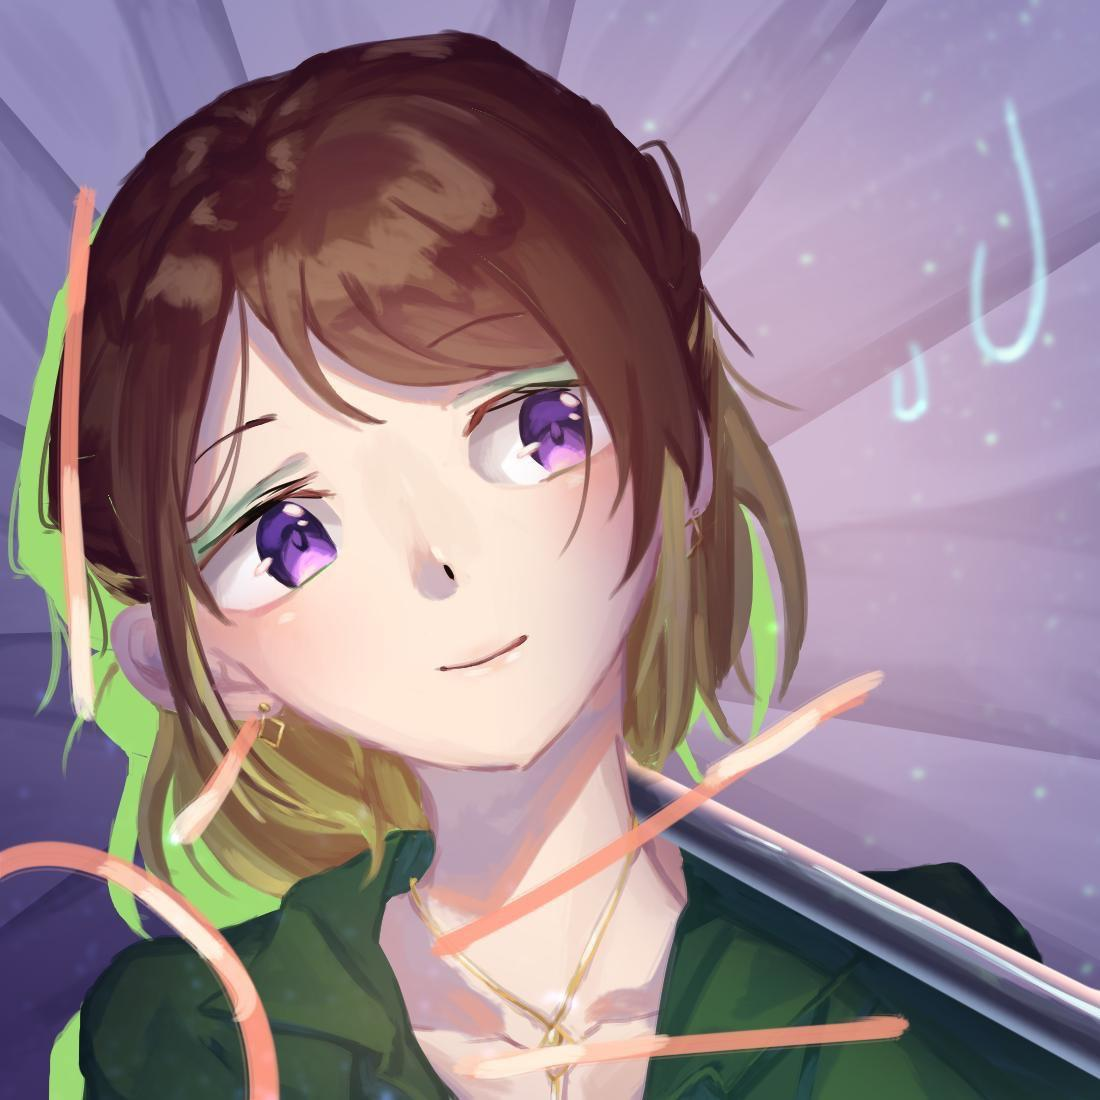 SNS用のアイコンイラストを描かせていただきます 可愛い女の子を描くのが好きです!